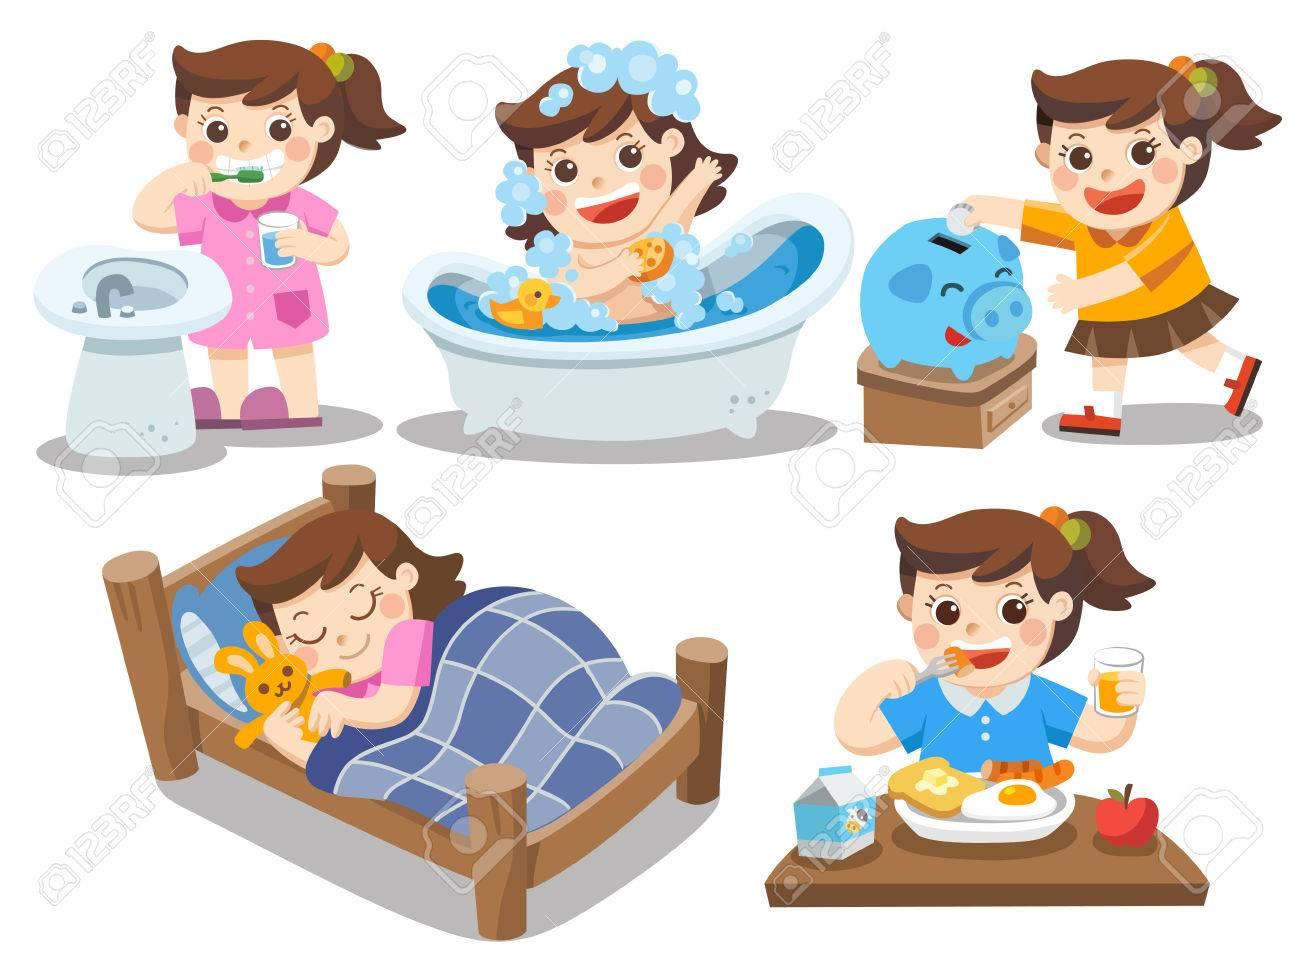 foto de archivo la rutina diaria de una linda chica sobre un fondo blanco dormir cepillarse los dientes tomar un bao comer ahorrar dinero